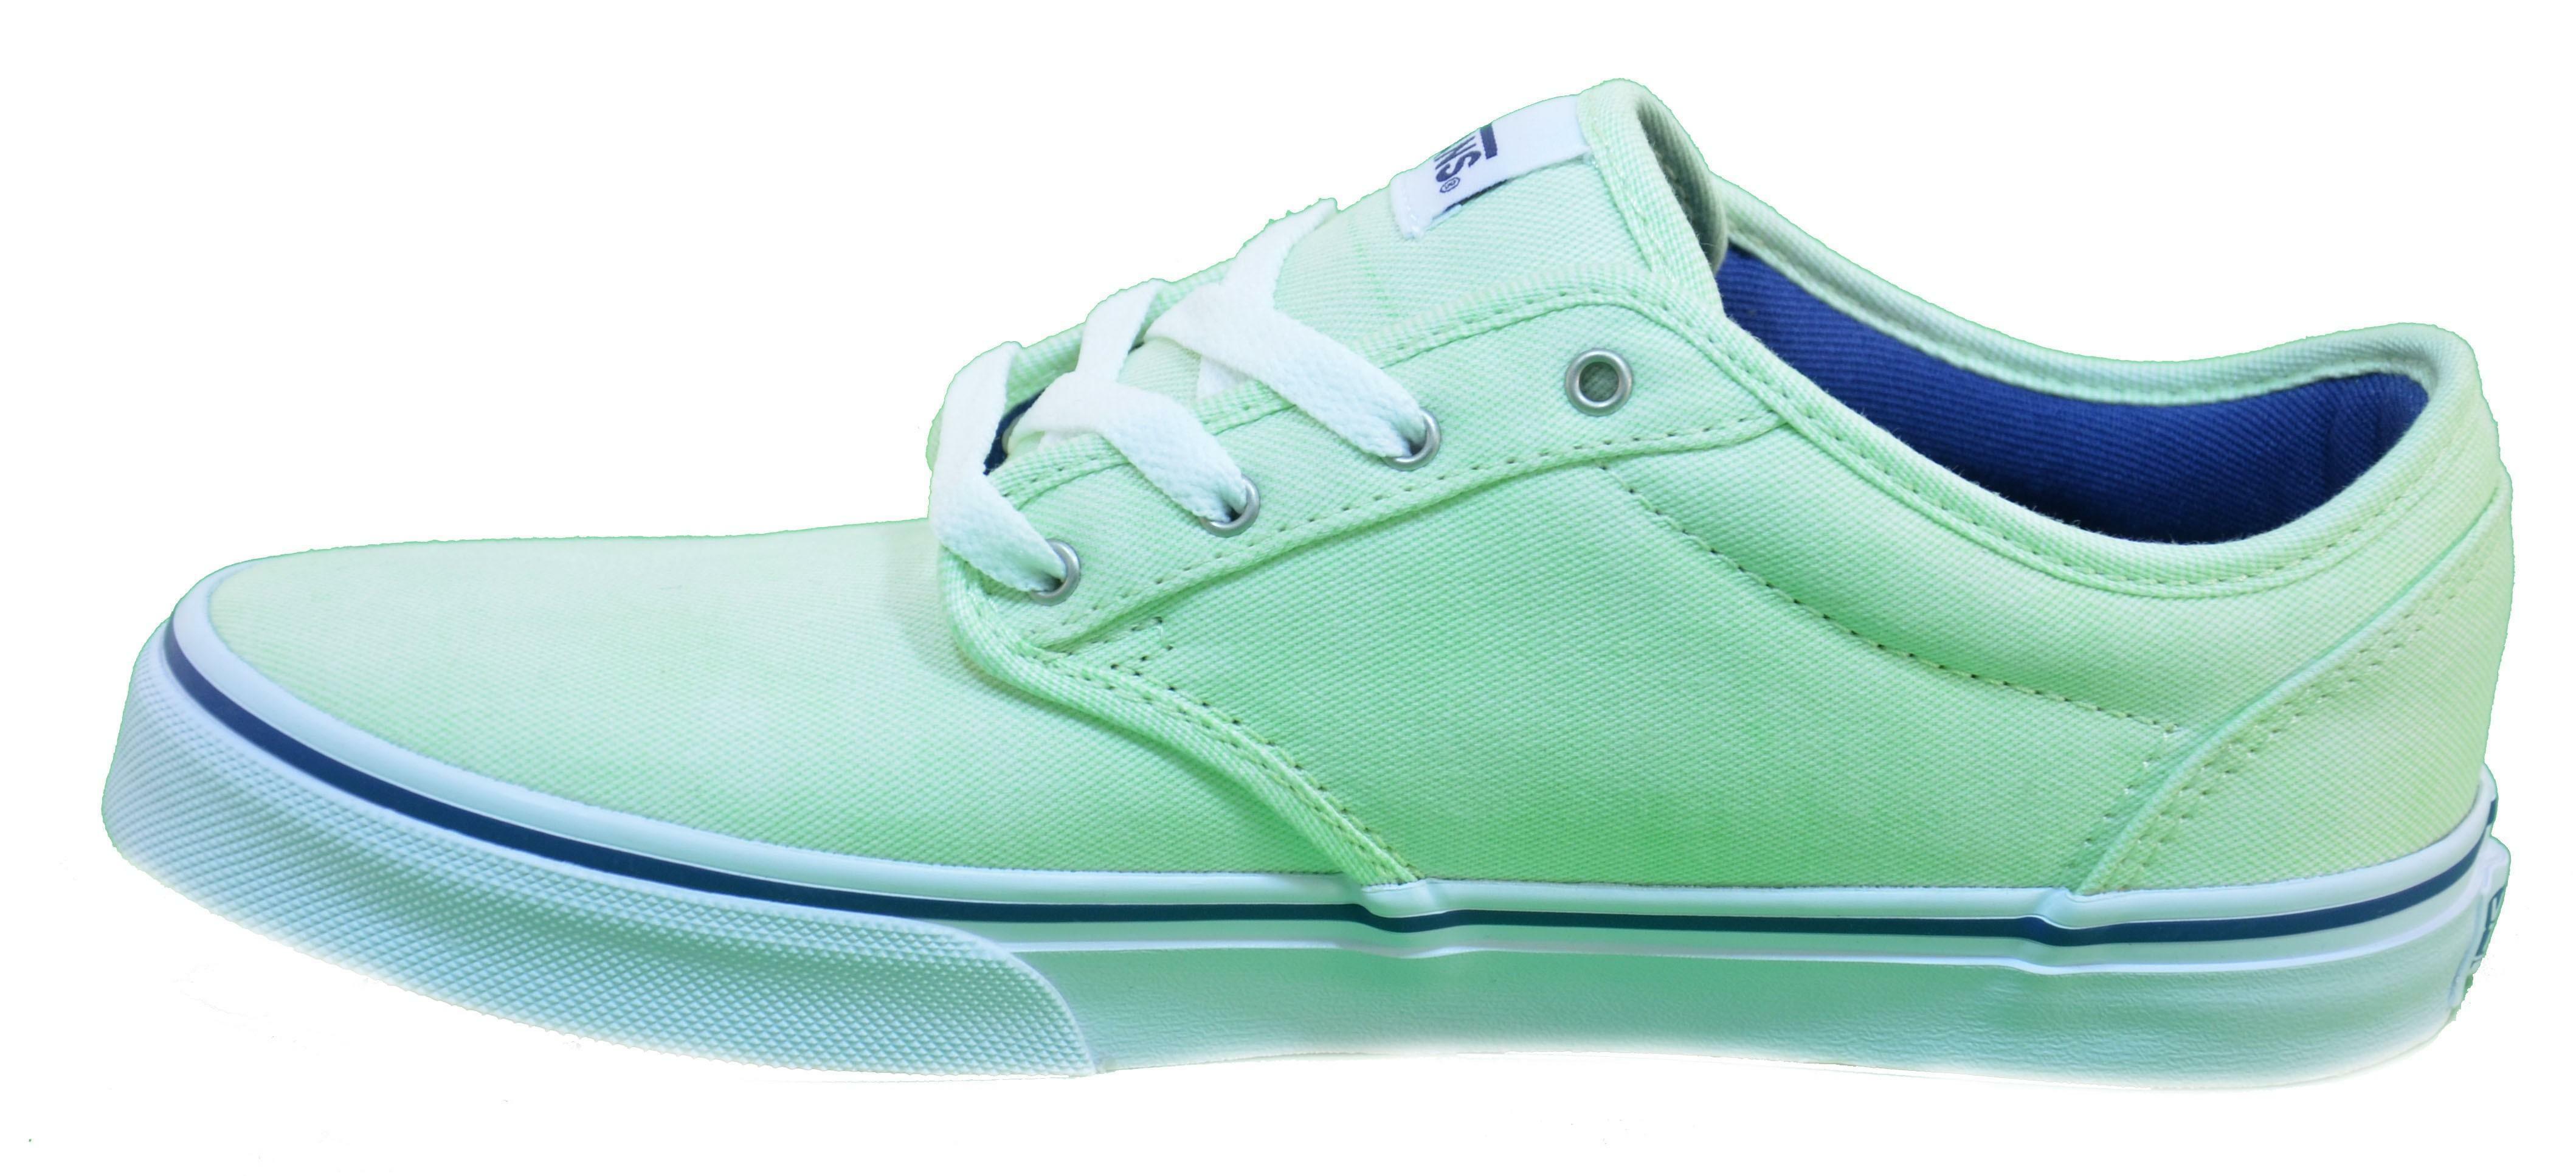 vans vans atwood scarpe bambino verdi tela zusfpq